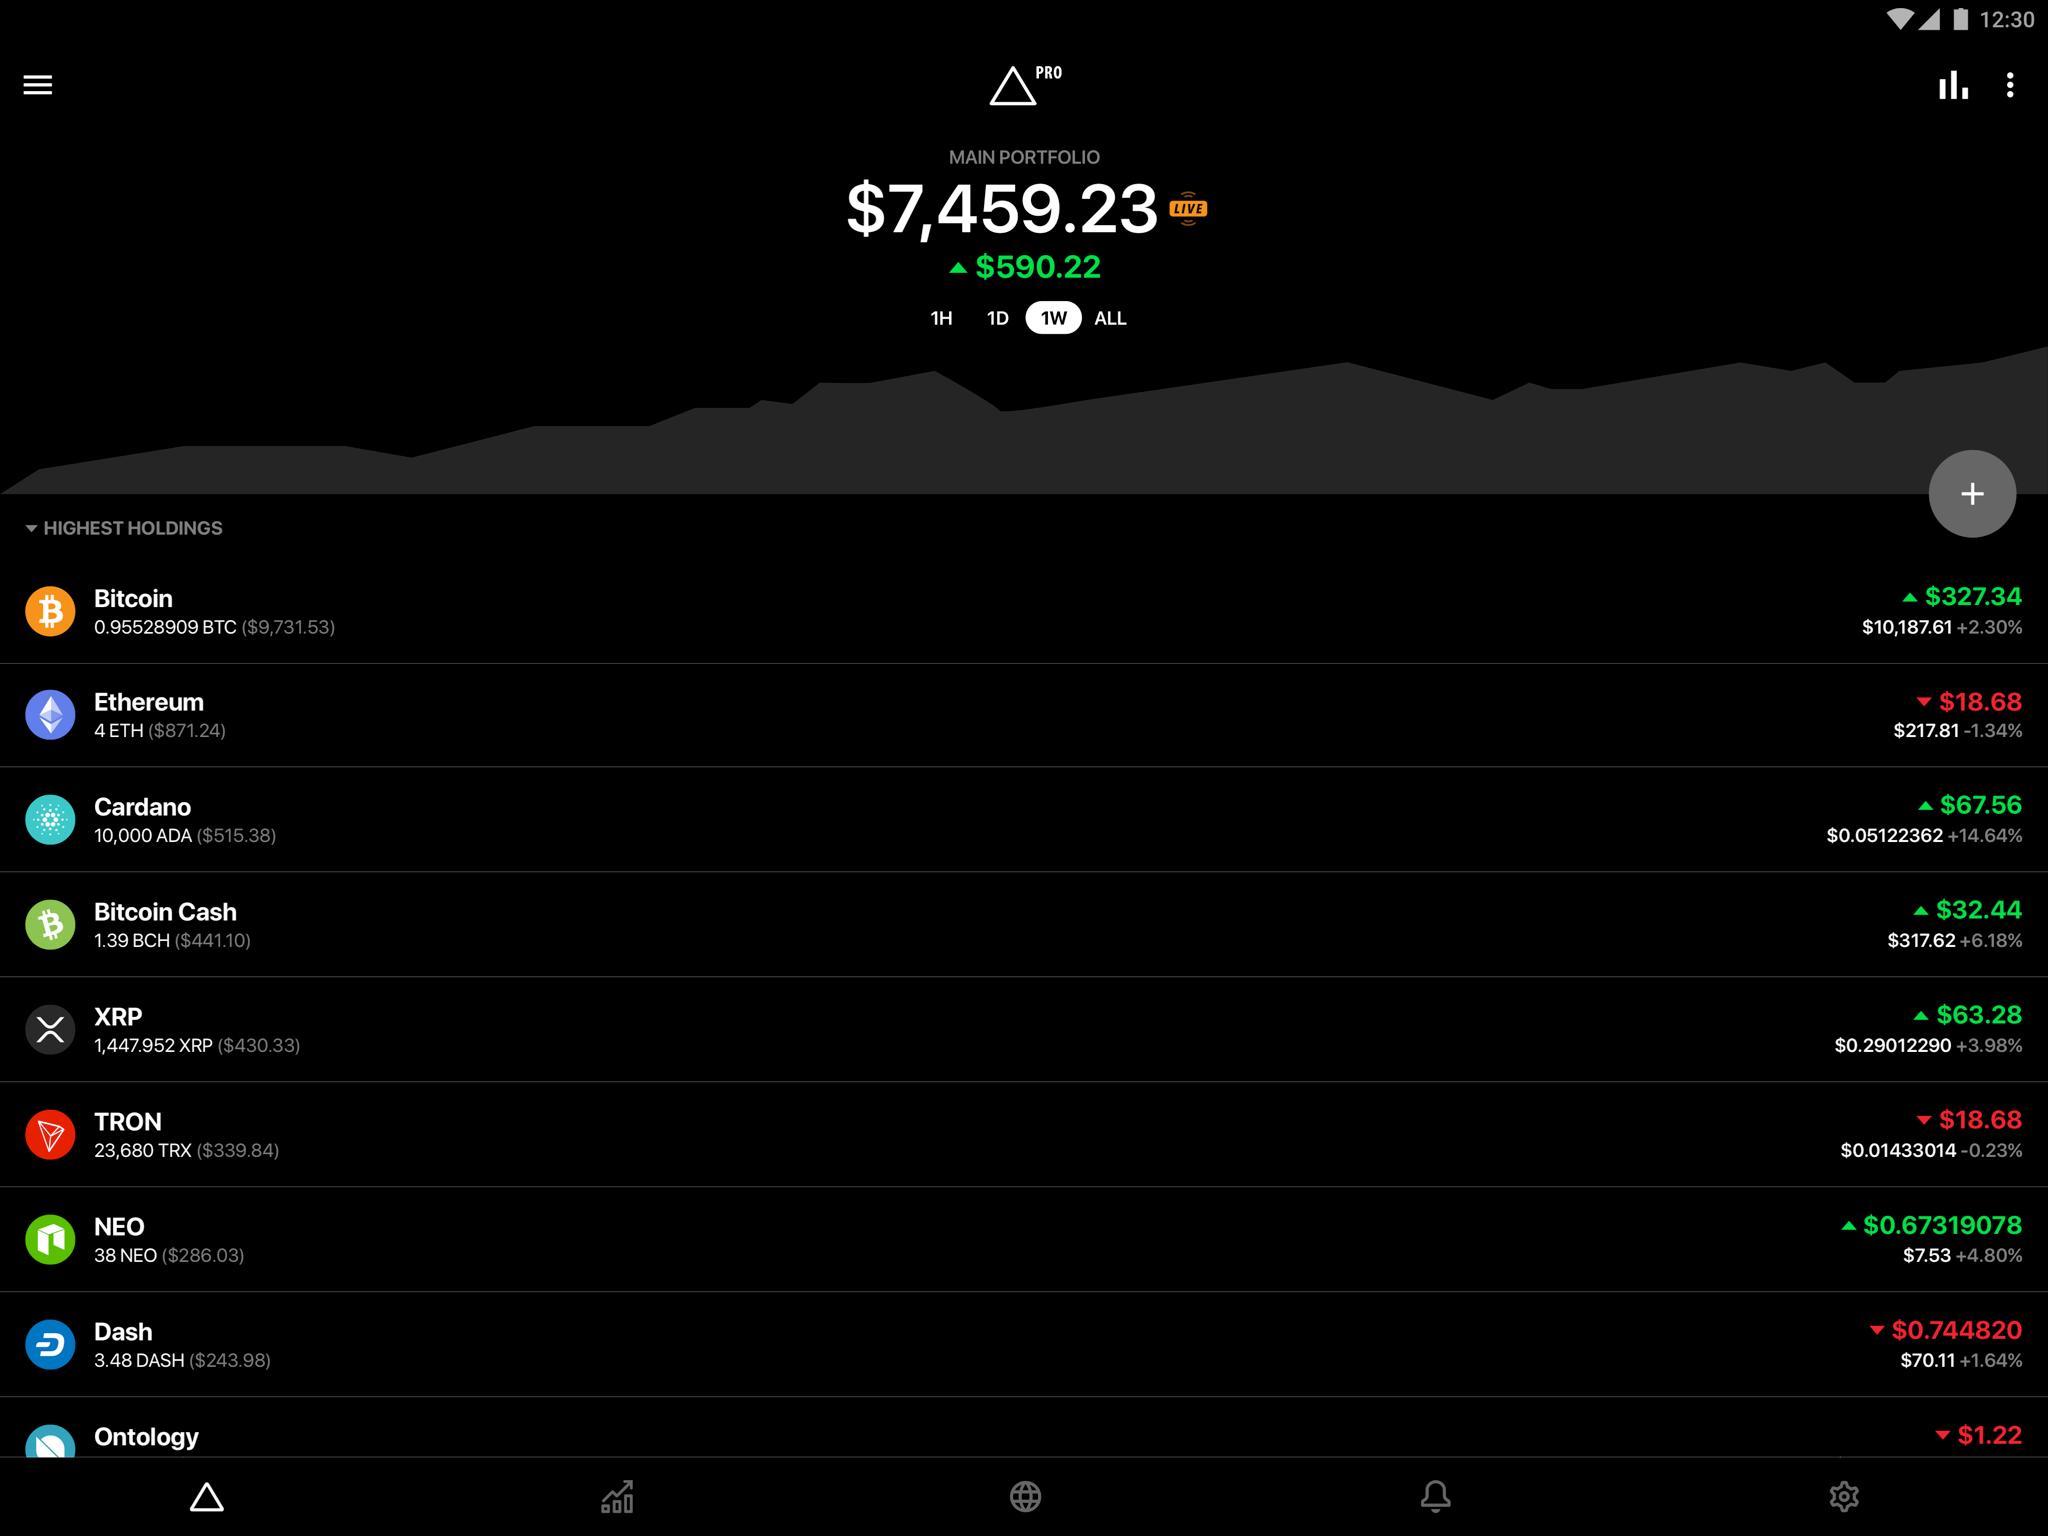 Delta Investment Portfolio Tracker 4.0.4 Screenshot 10